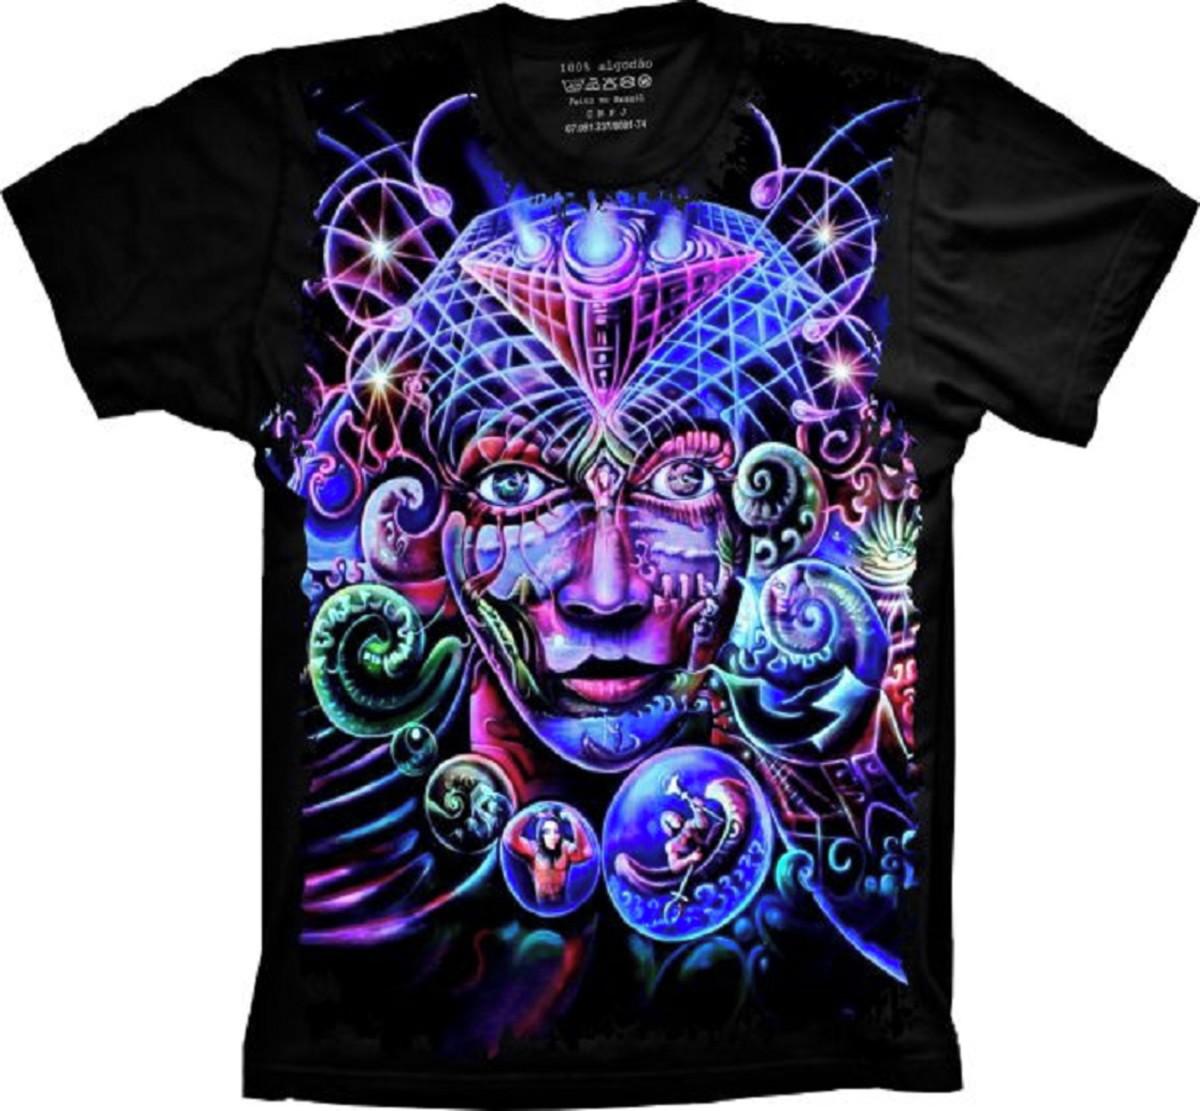 5bbfdc3982 Camiseta Visão Psy no Elo7